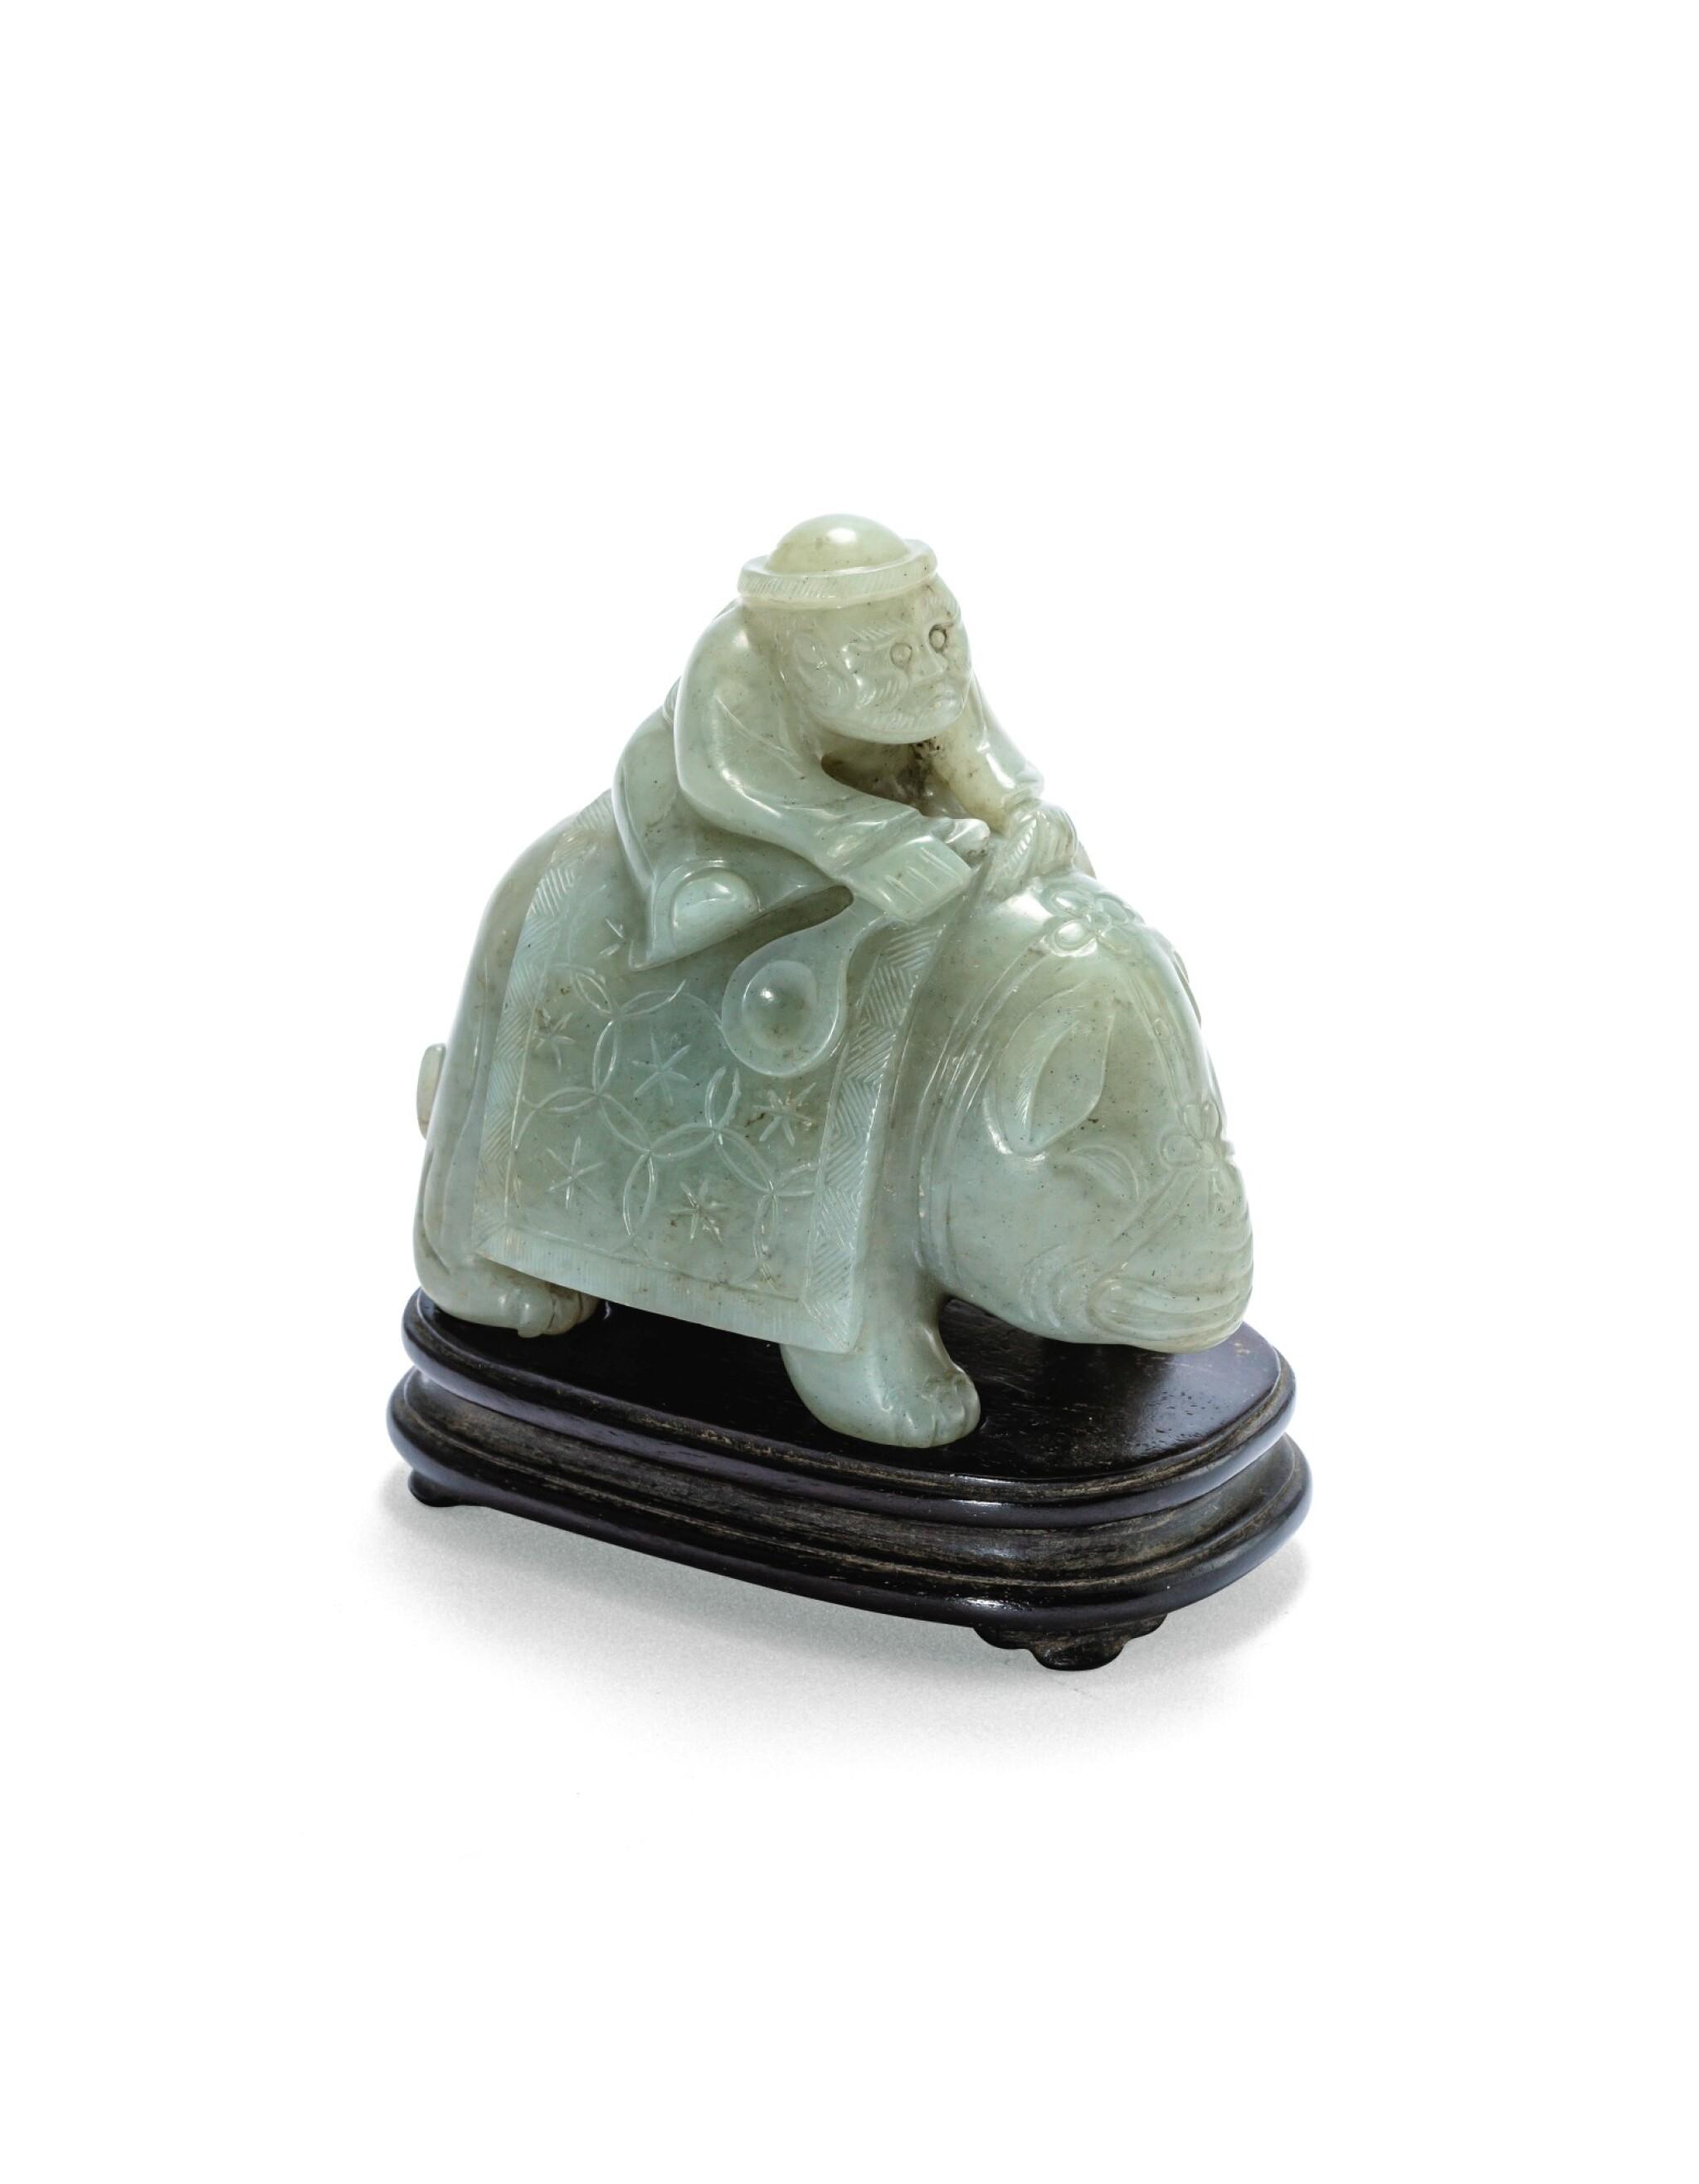 View 1 of Lot 215. Statuette d'un éléphant et son cornac en jade céladon Dynastie Qing | 清 青白玉胡人騎象擺件 | A celadon jade 'foreigner on an elephant' group, Qing Dynasty.